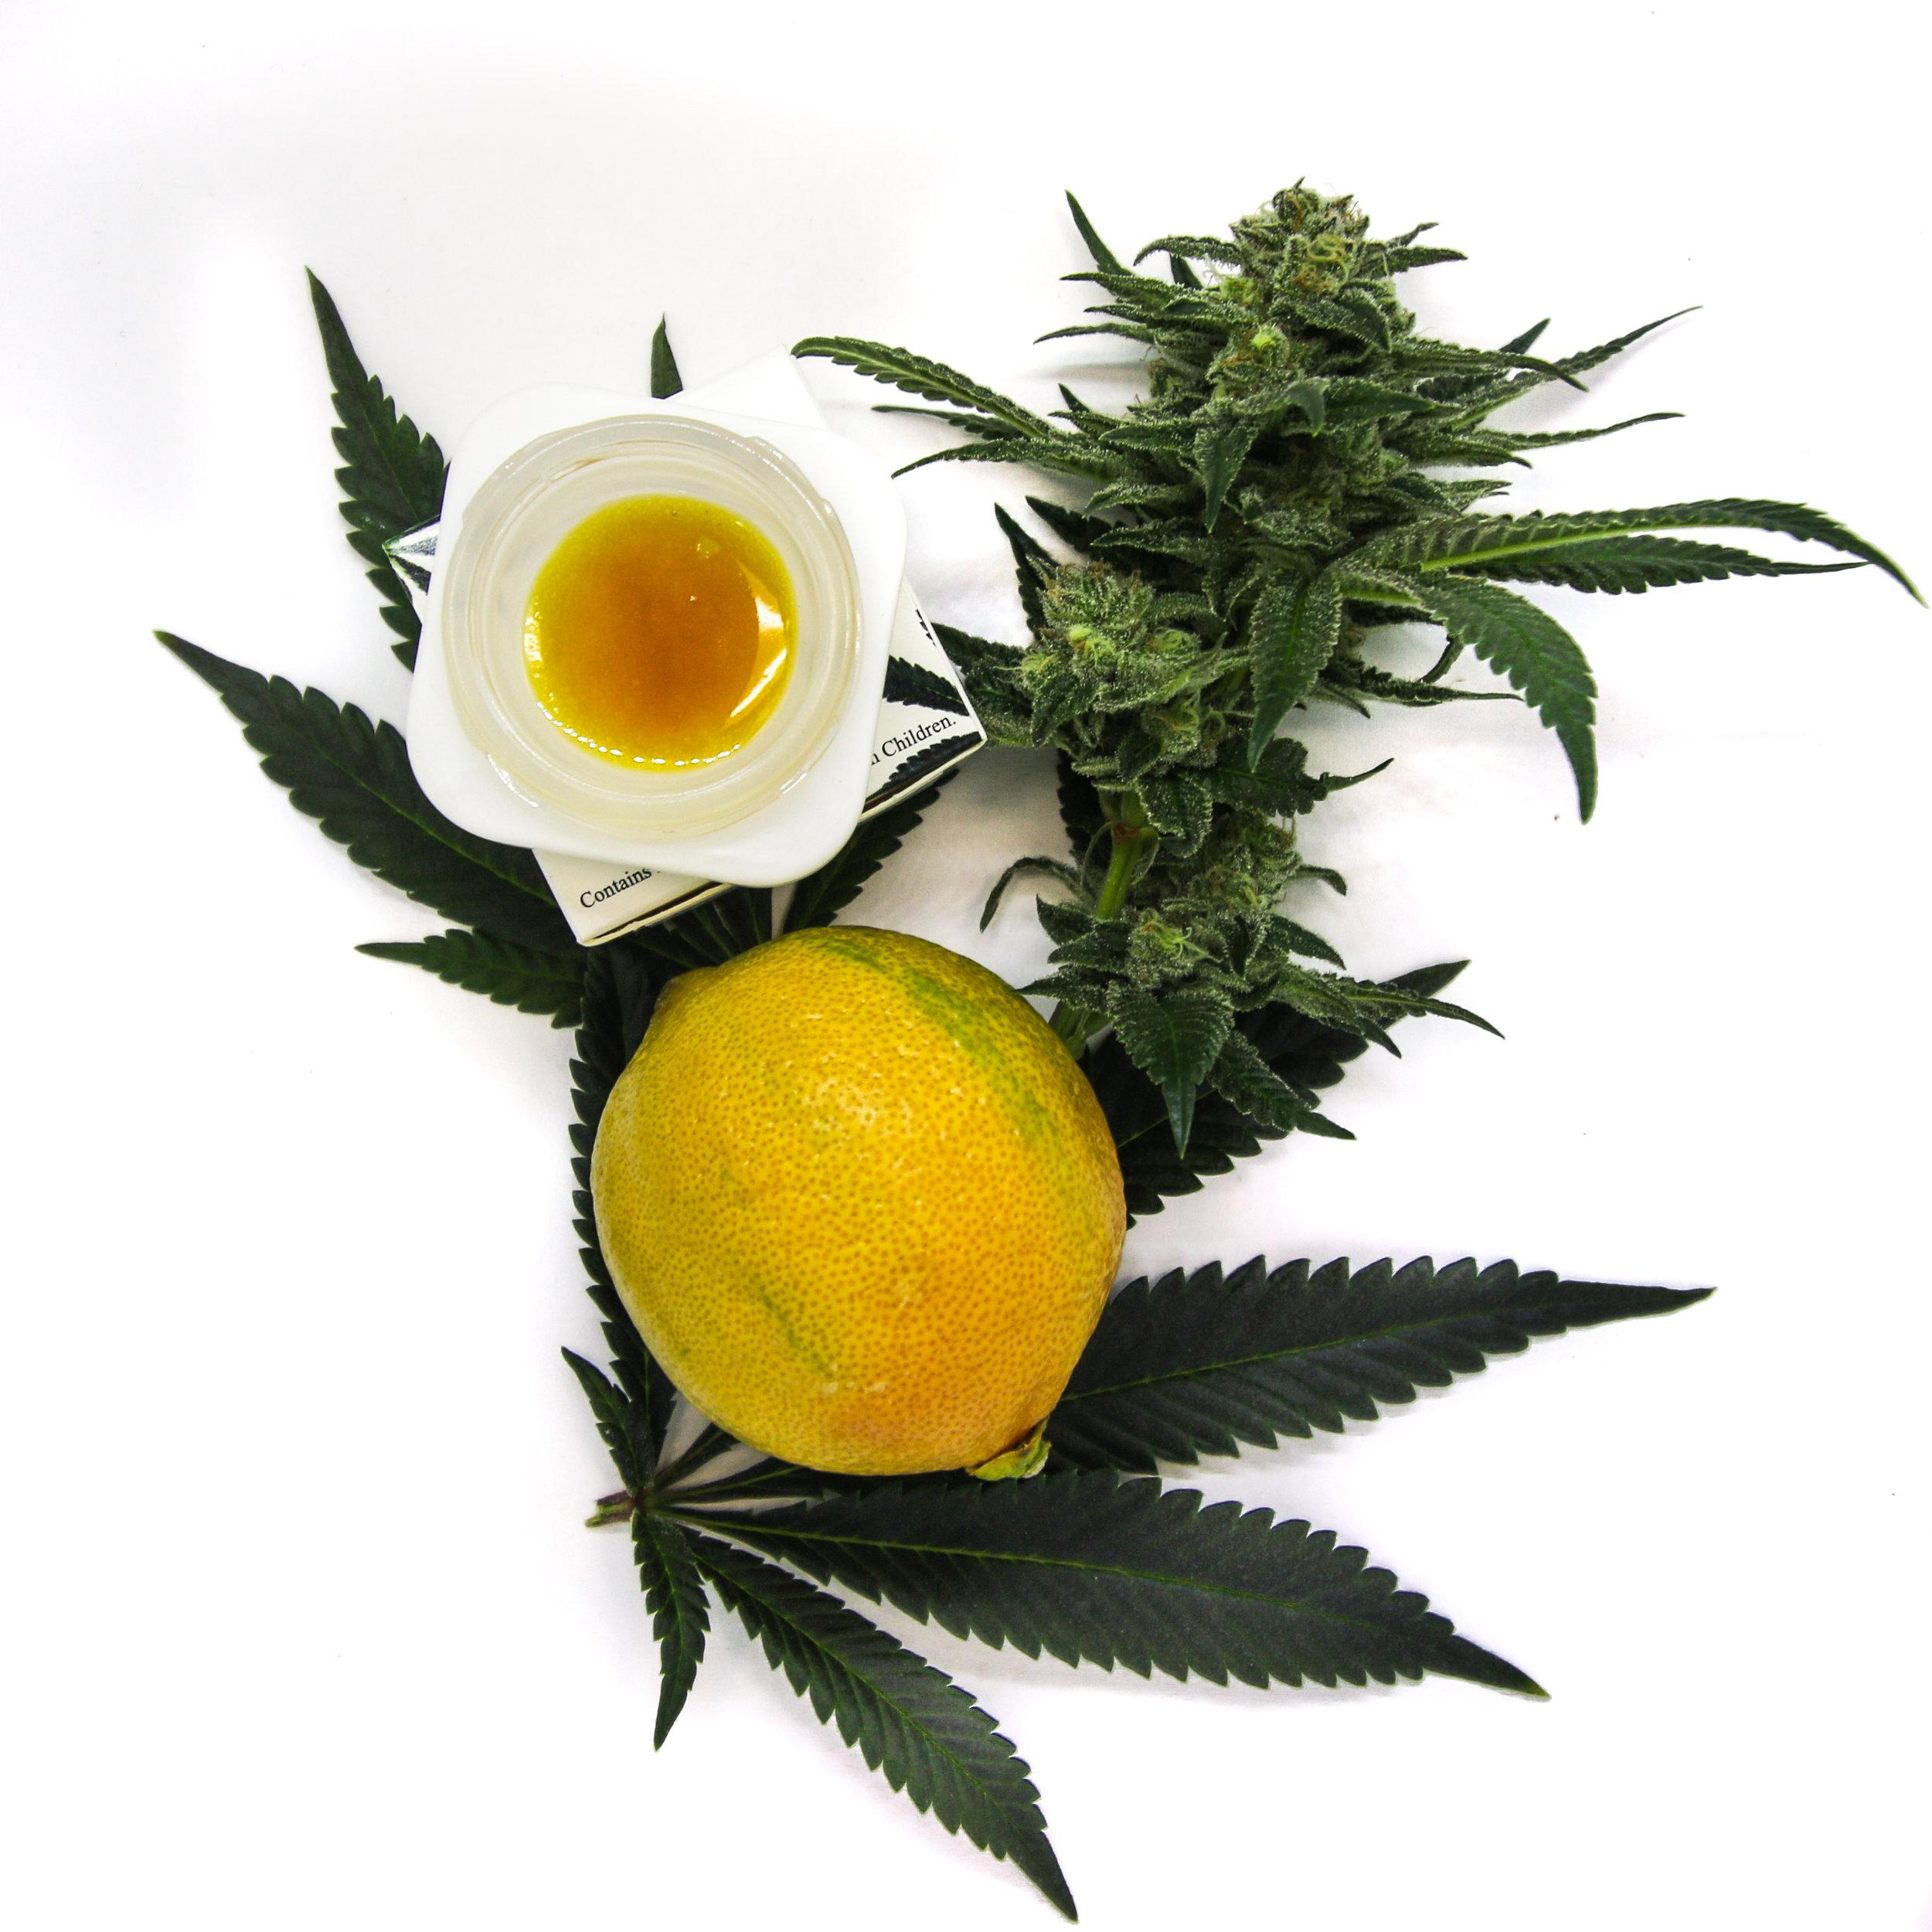 Durban Poison Limonene.jpg